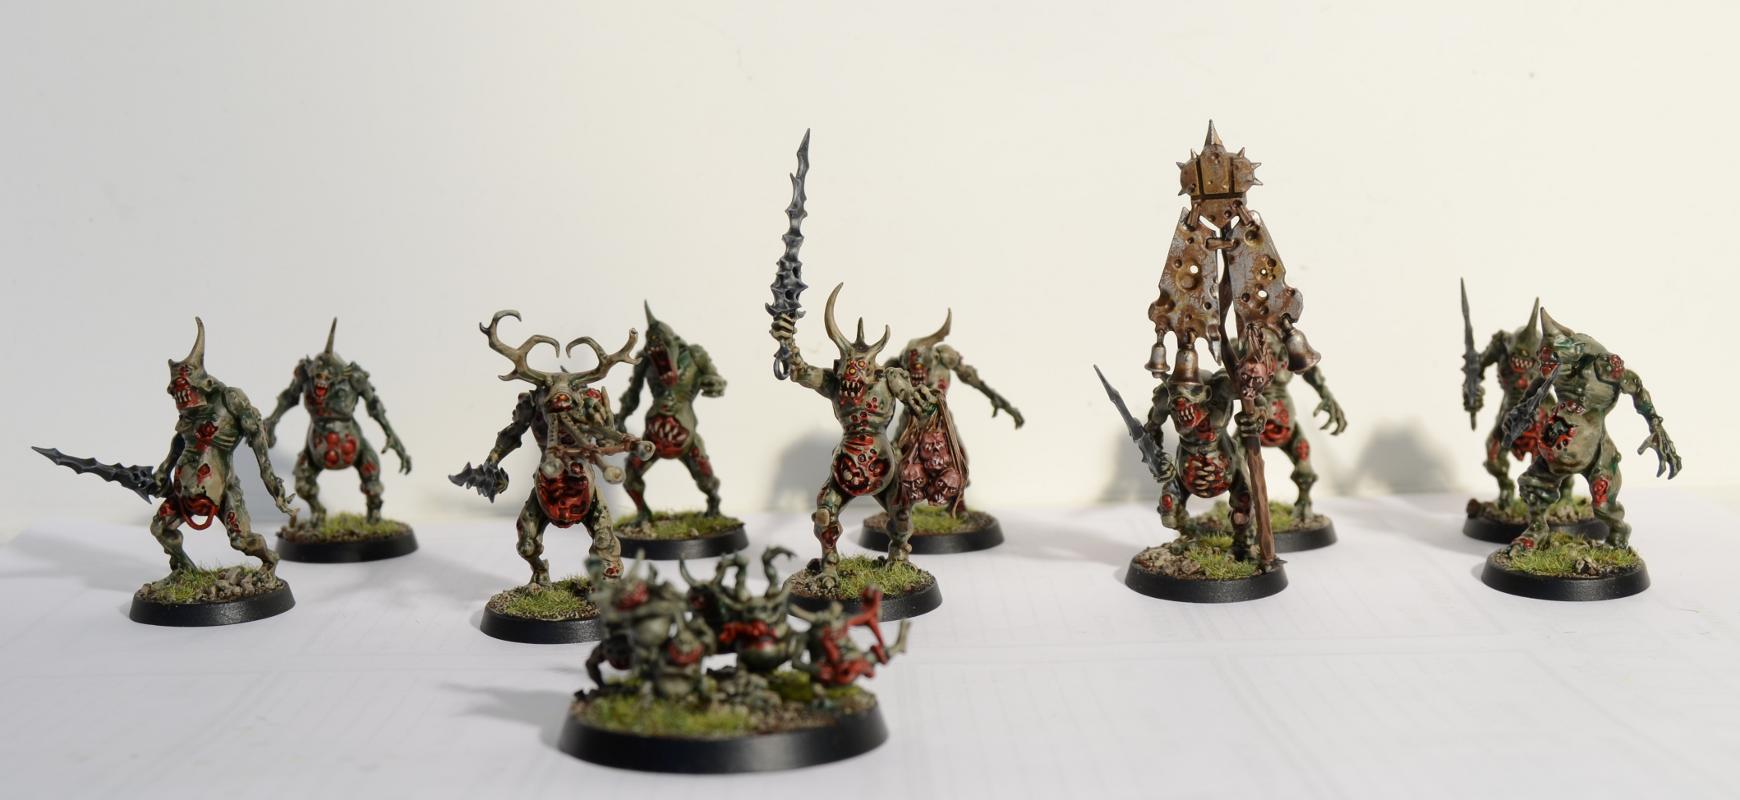 Daemons Of Nurgle, Nurgle, Nurgle Daemons, Nurgle Plaguebearers, Nurglings, Plaguebearers